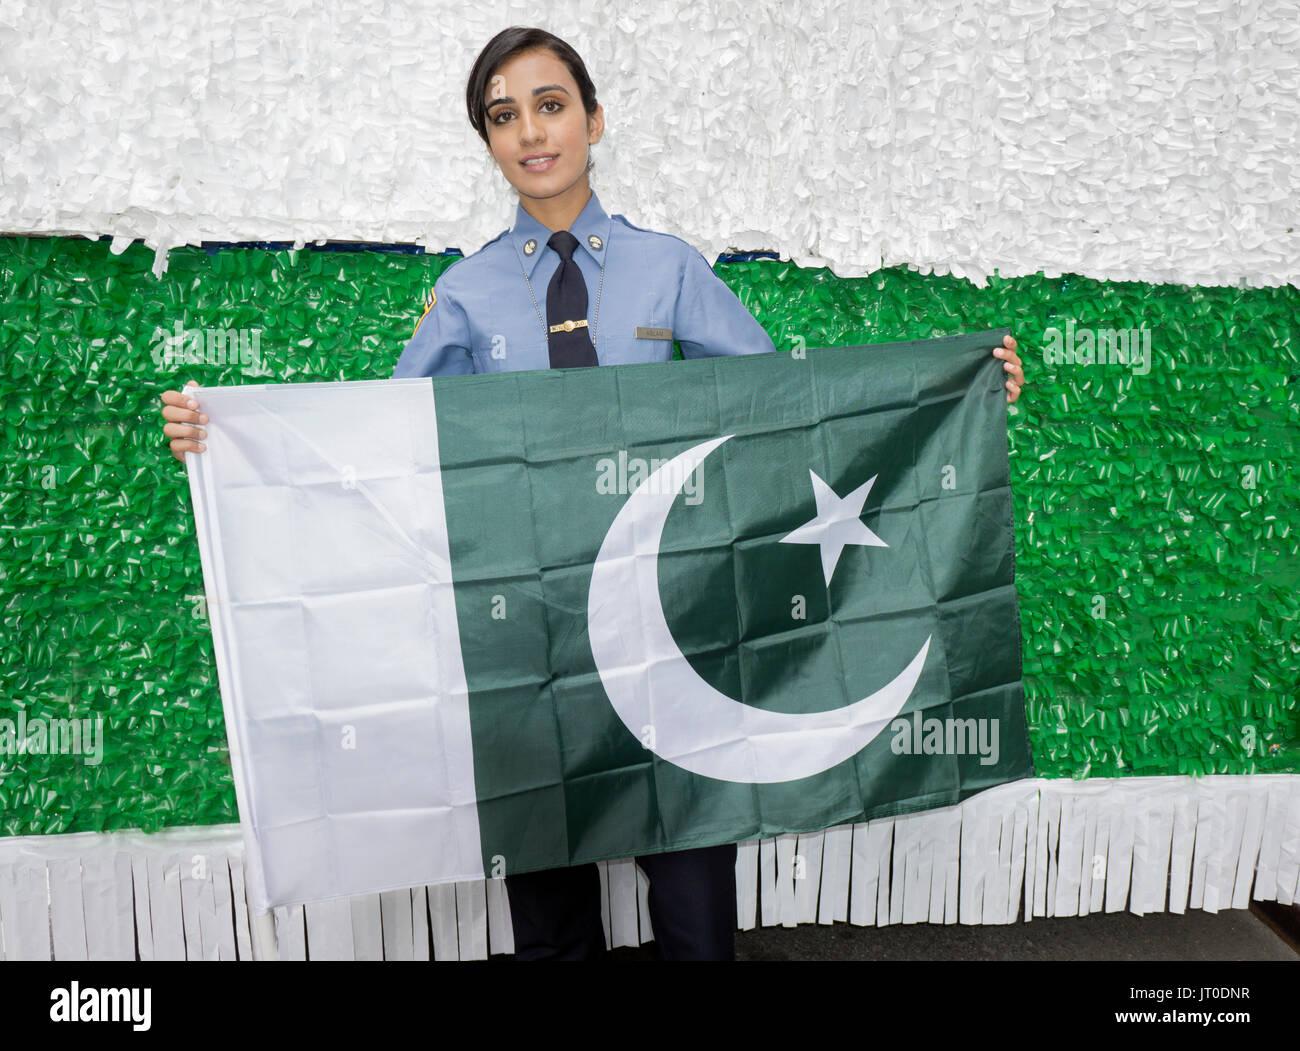 Un pakistano American Girl chi è traning presso l'Accademia di polizia di essere a New York City poliziotta. Al Pakistan parata del giorno a Manhattan NYC. Cooperazione di polizia Immagini Stock